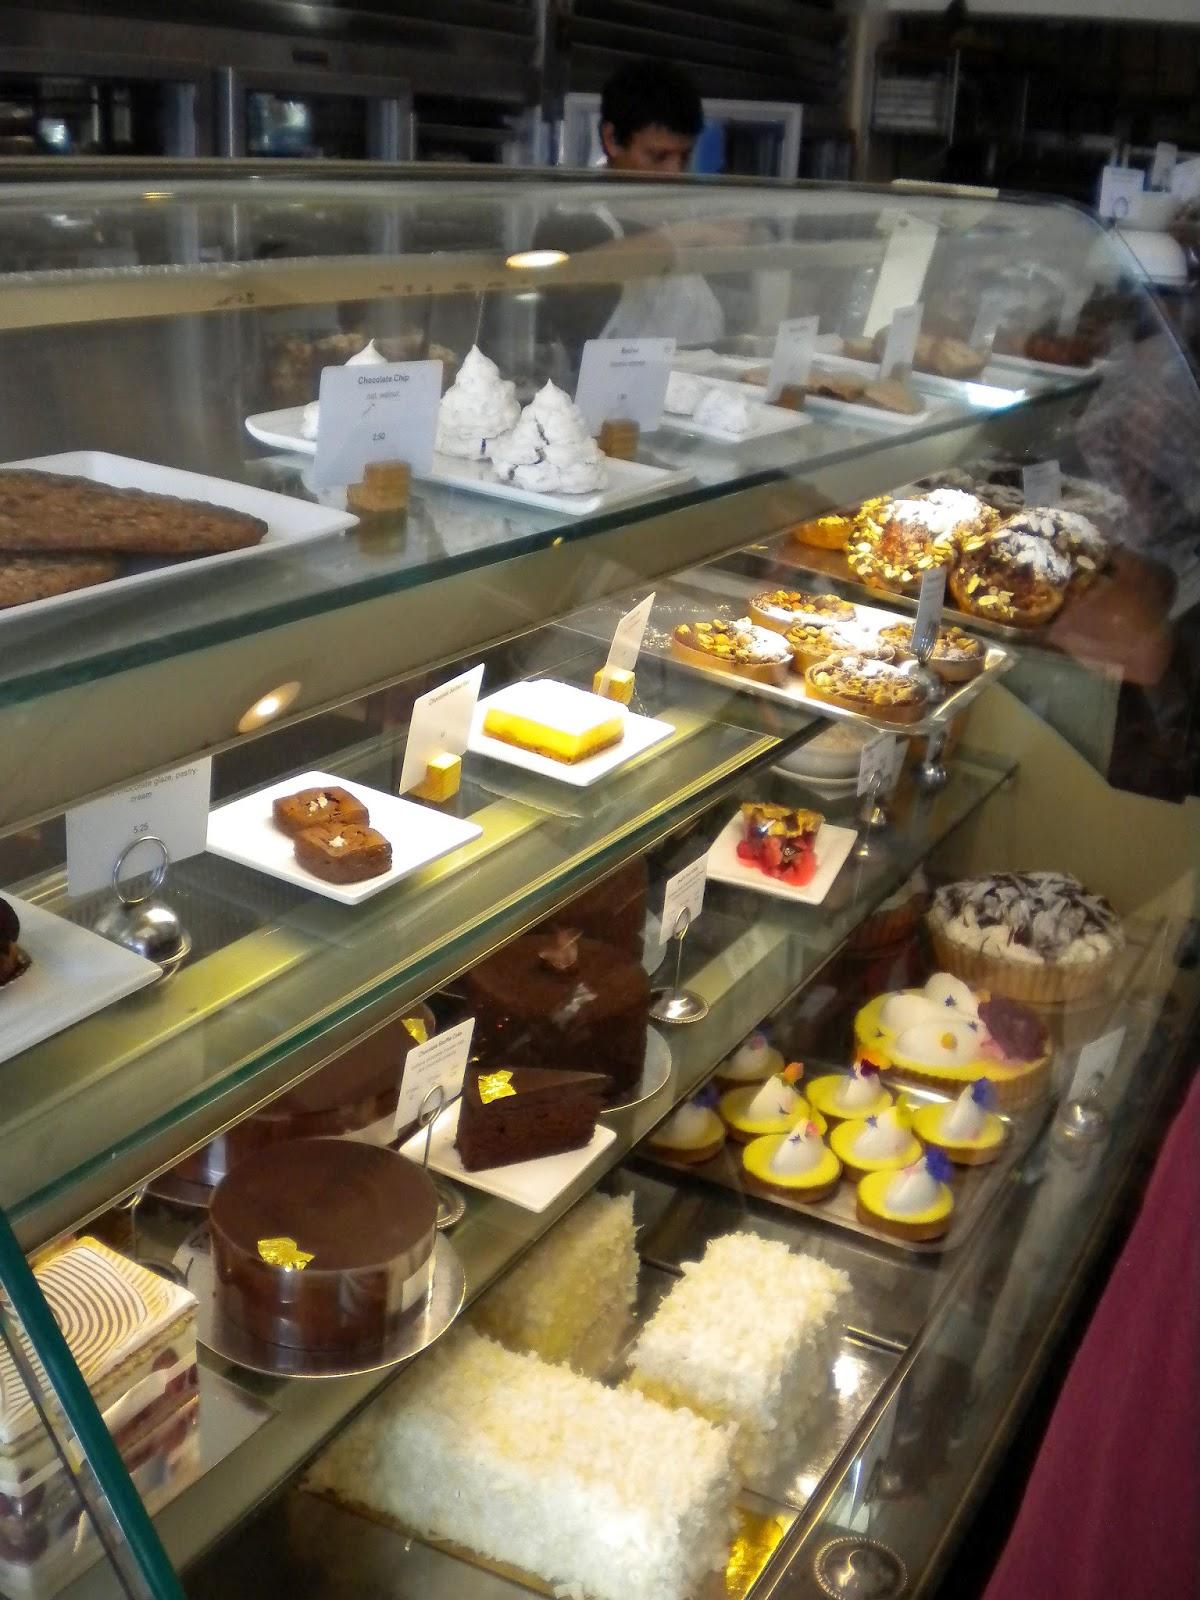 tartine bakery san francisco mission california leipomo herkku matkailu matkajuttu mallaspulla